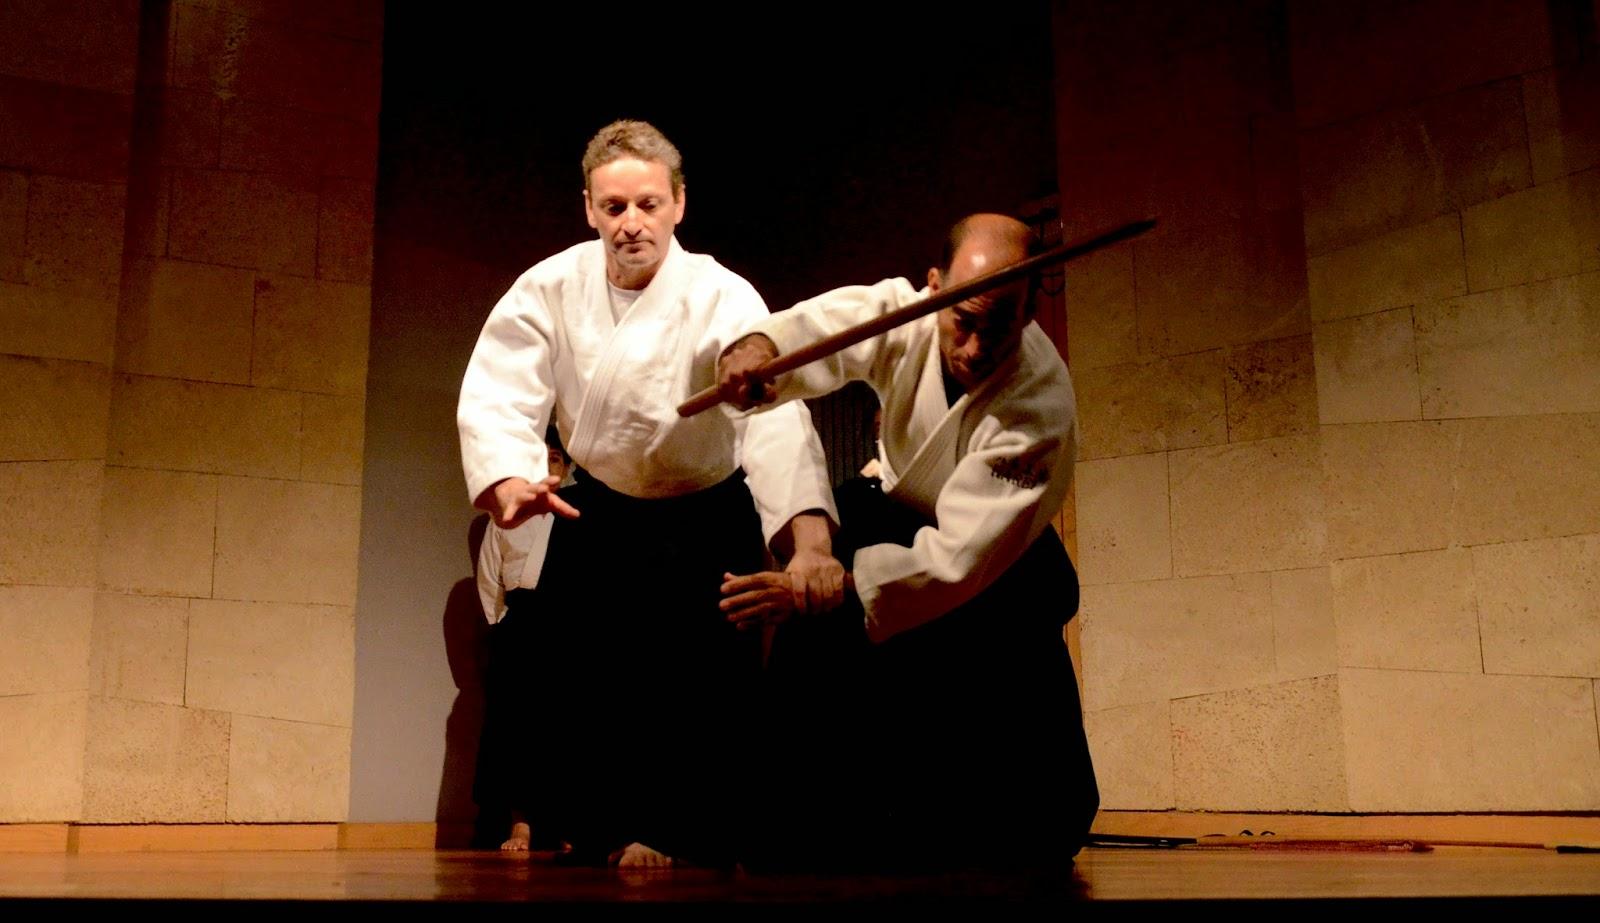 ערן ניר והראל אברוצקי בהדגמת אייקידו במוזיאון היפני בחיפה (מוזיאון טיקוטין לאמנות יפנית). צילמה: אשרת ניר  2014 ©